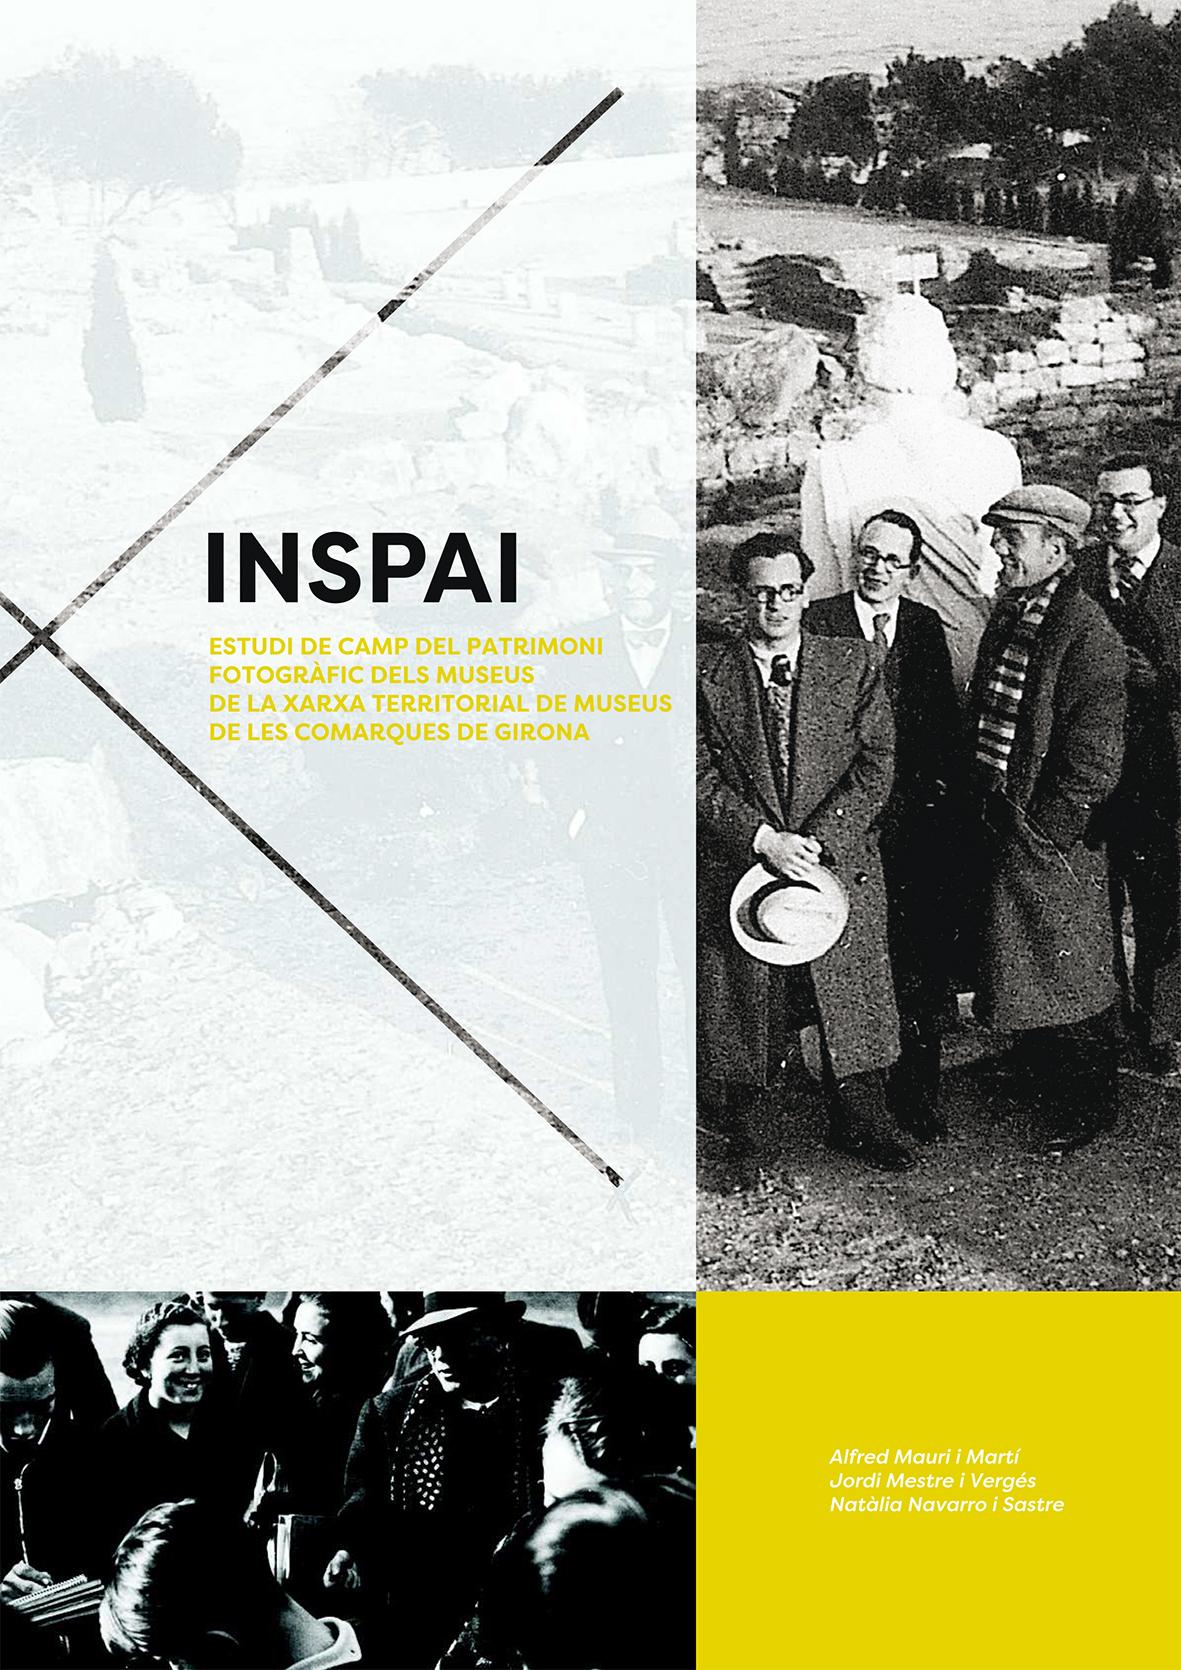 Imatge destacat Disponible: Estudi de camp del patrimoni fotogràfic dels museus de la Xarxa Territorial de Museus de les comarques gironines